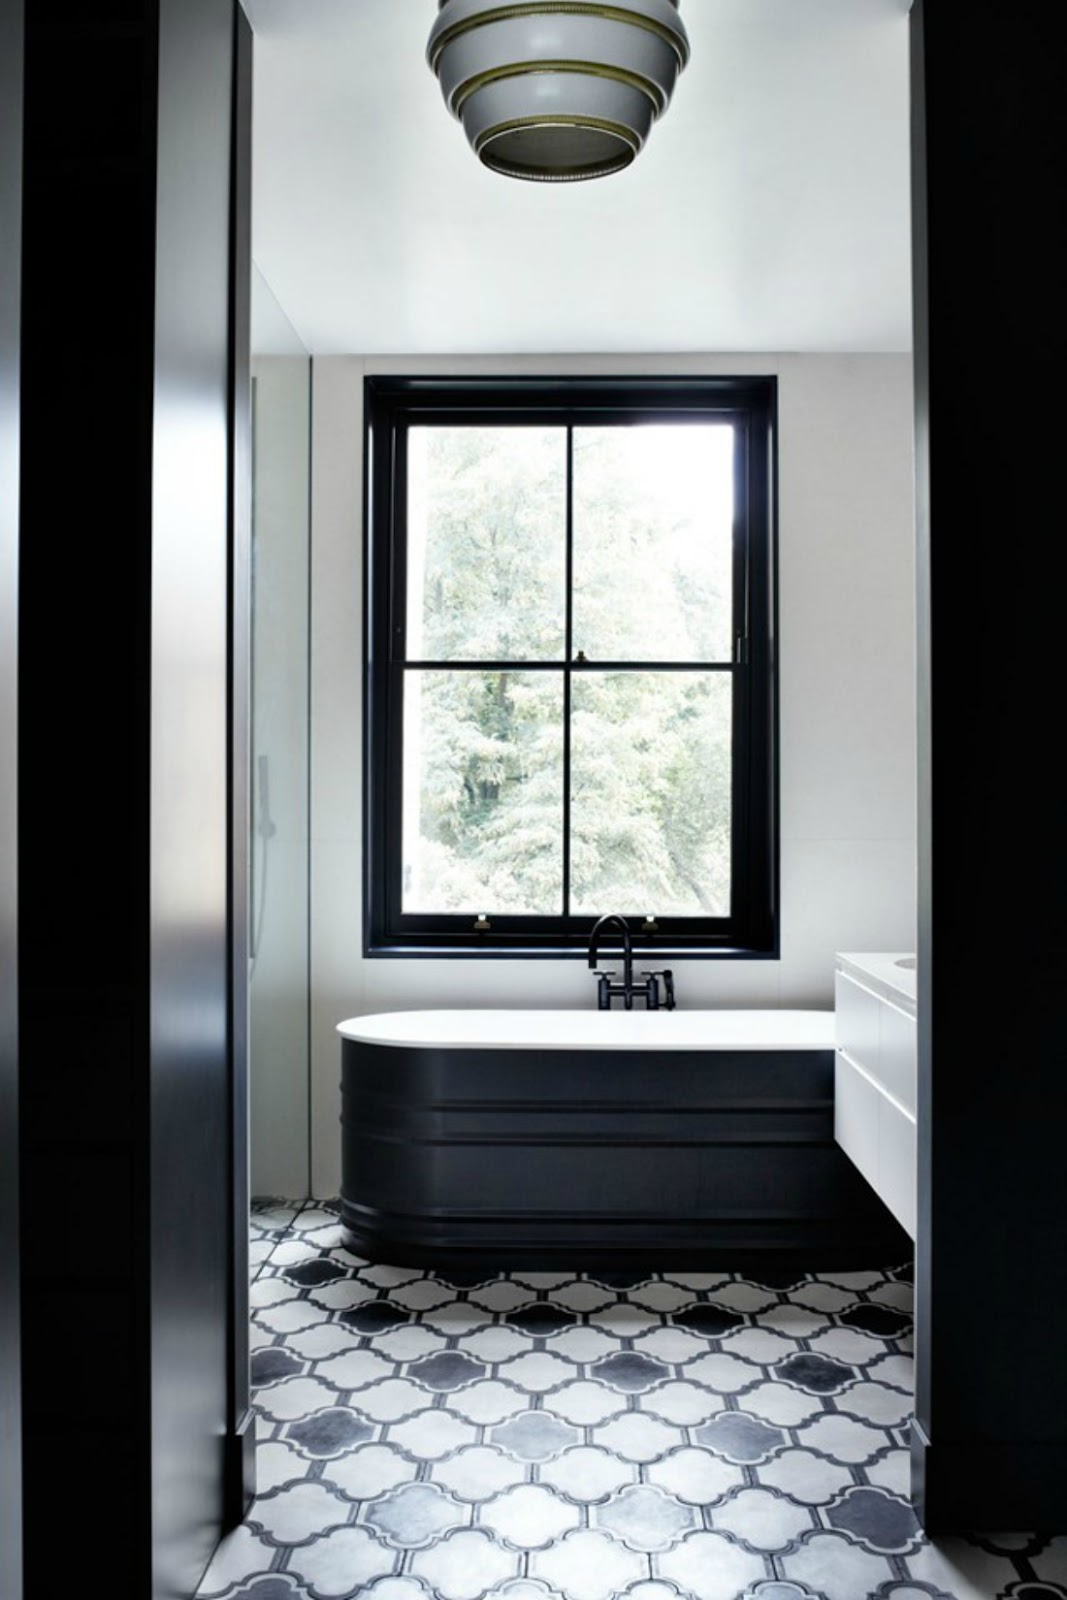 House garden uk - Black and white bathroom floor tiles ...